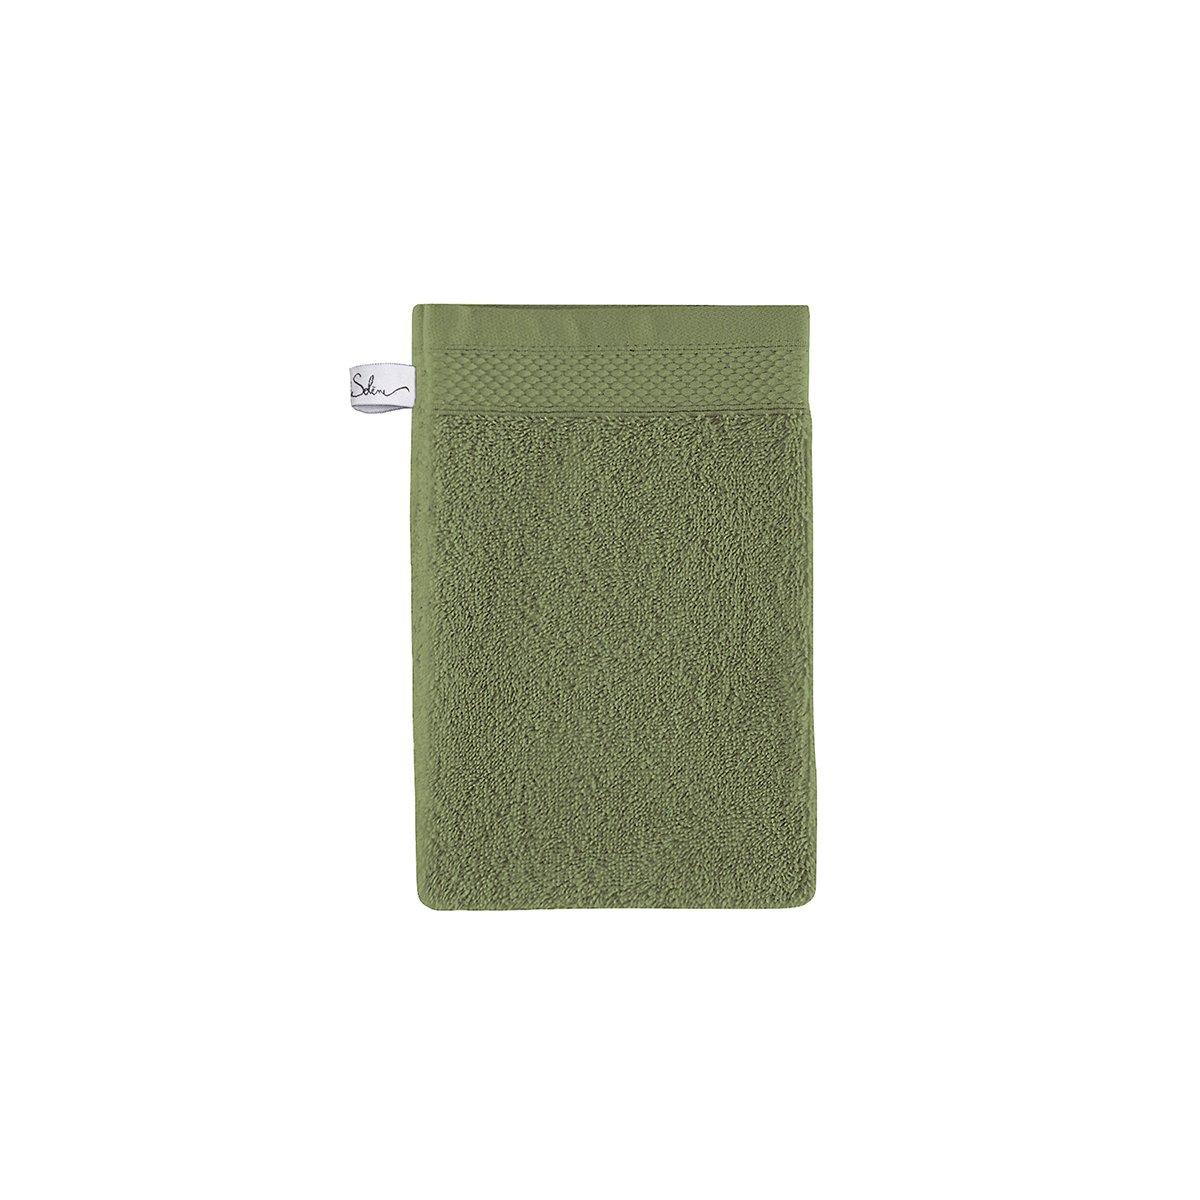 Gant de toilette coton 16x22 cm cèdre